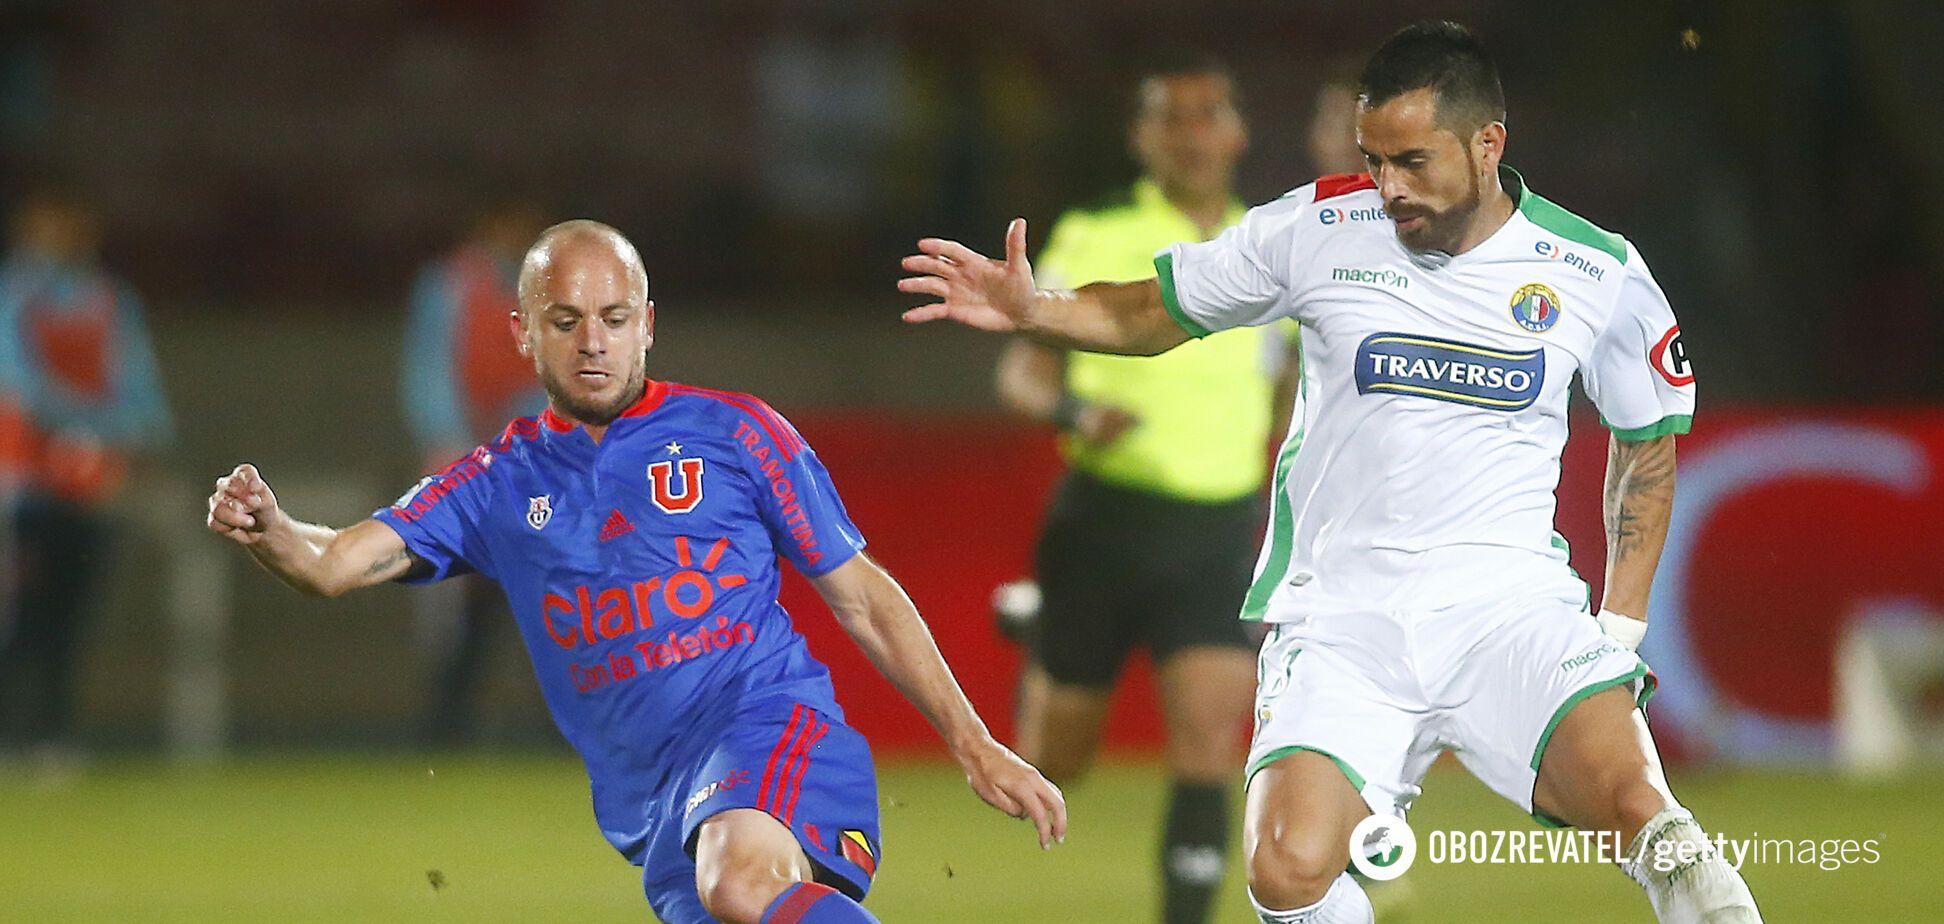 Густаво Лоренсетті (зліва) в матчі проти 'Аудакс Італьяно'